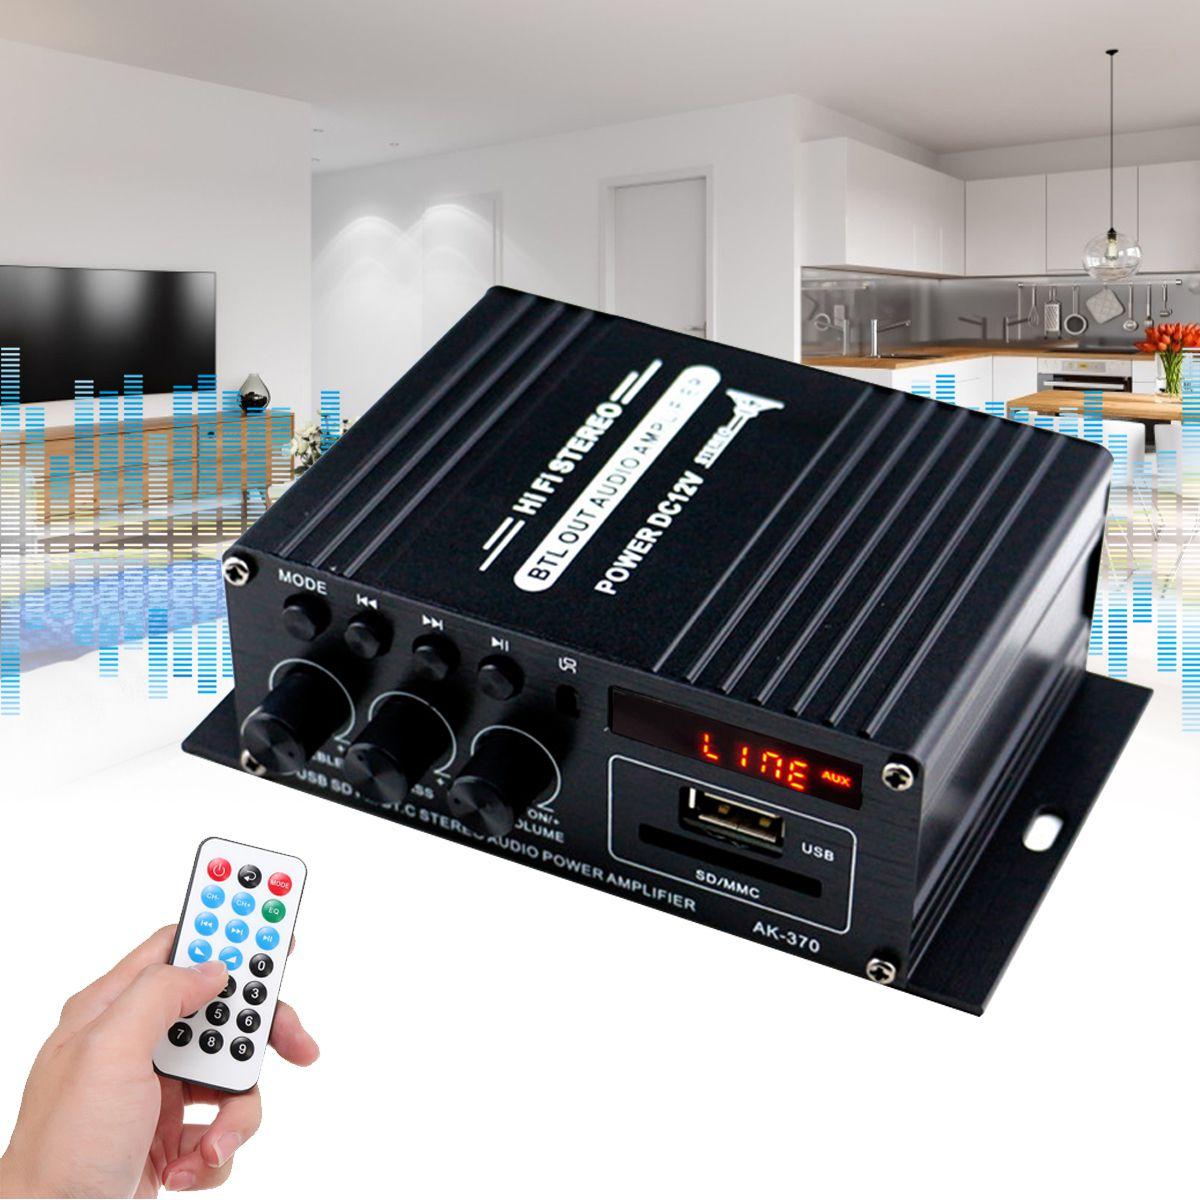 Вт DC 12 В / AC 220 В Дистанционное Управление Bluetooth HiFi Домашний автомобильный стерео Усилитель Музыка Приемник FM Радио 20 Гц-20 кГц